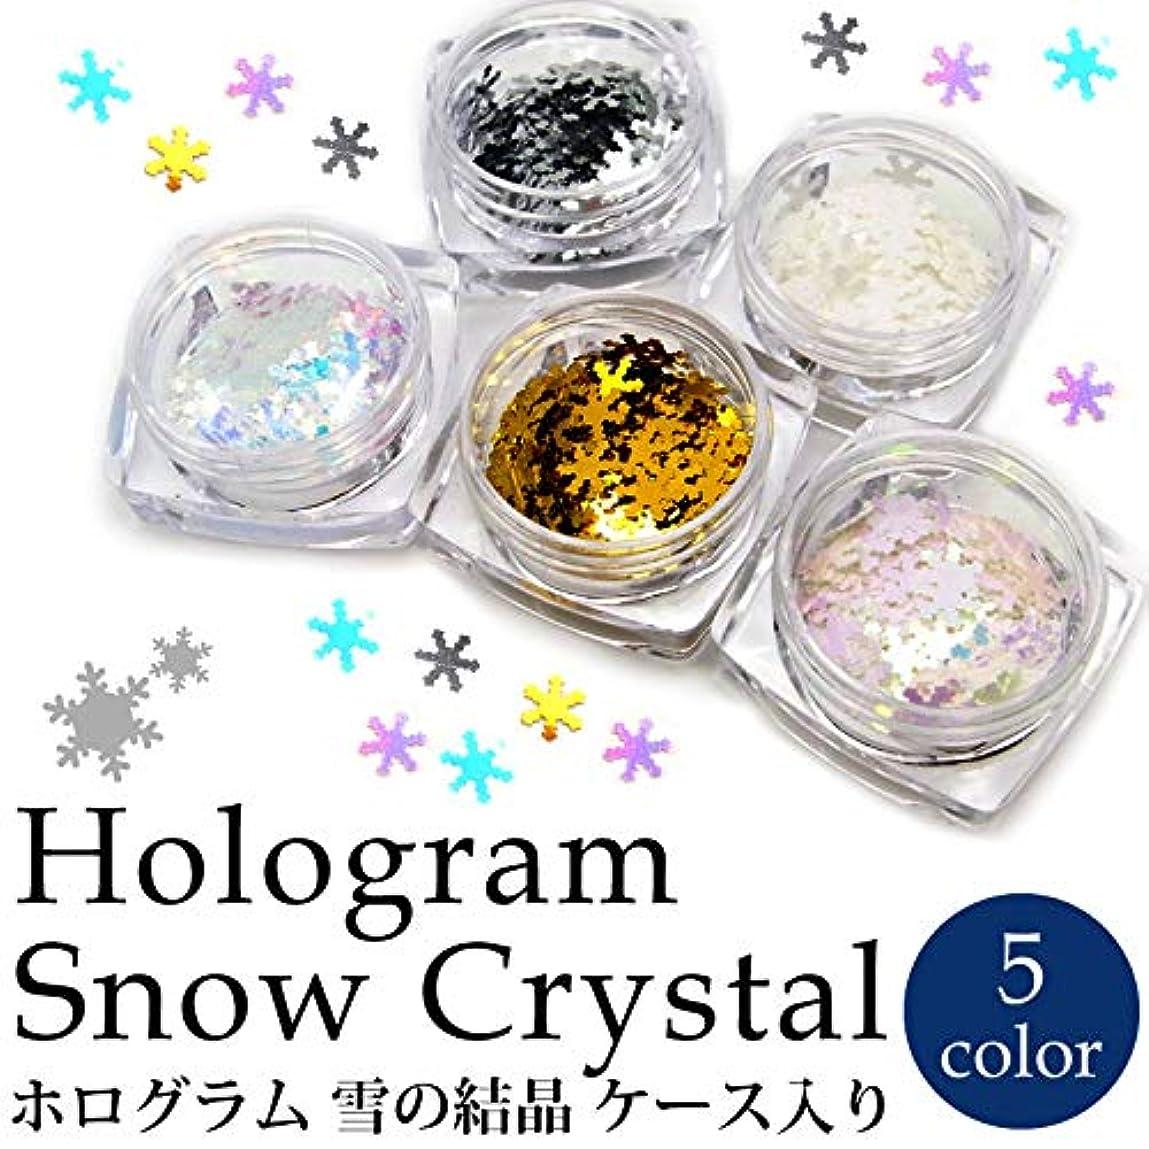 無効食物迷惑ホログラム 雪の結晶 各種 ケース入り (5.ホワイトオーロラピンク)